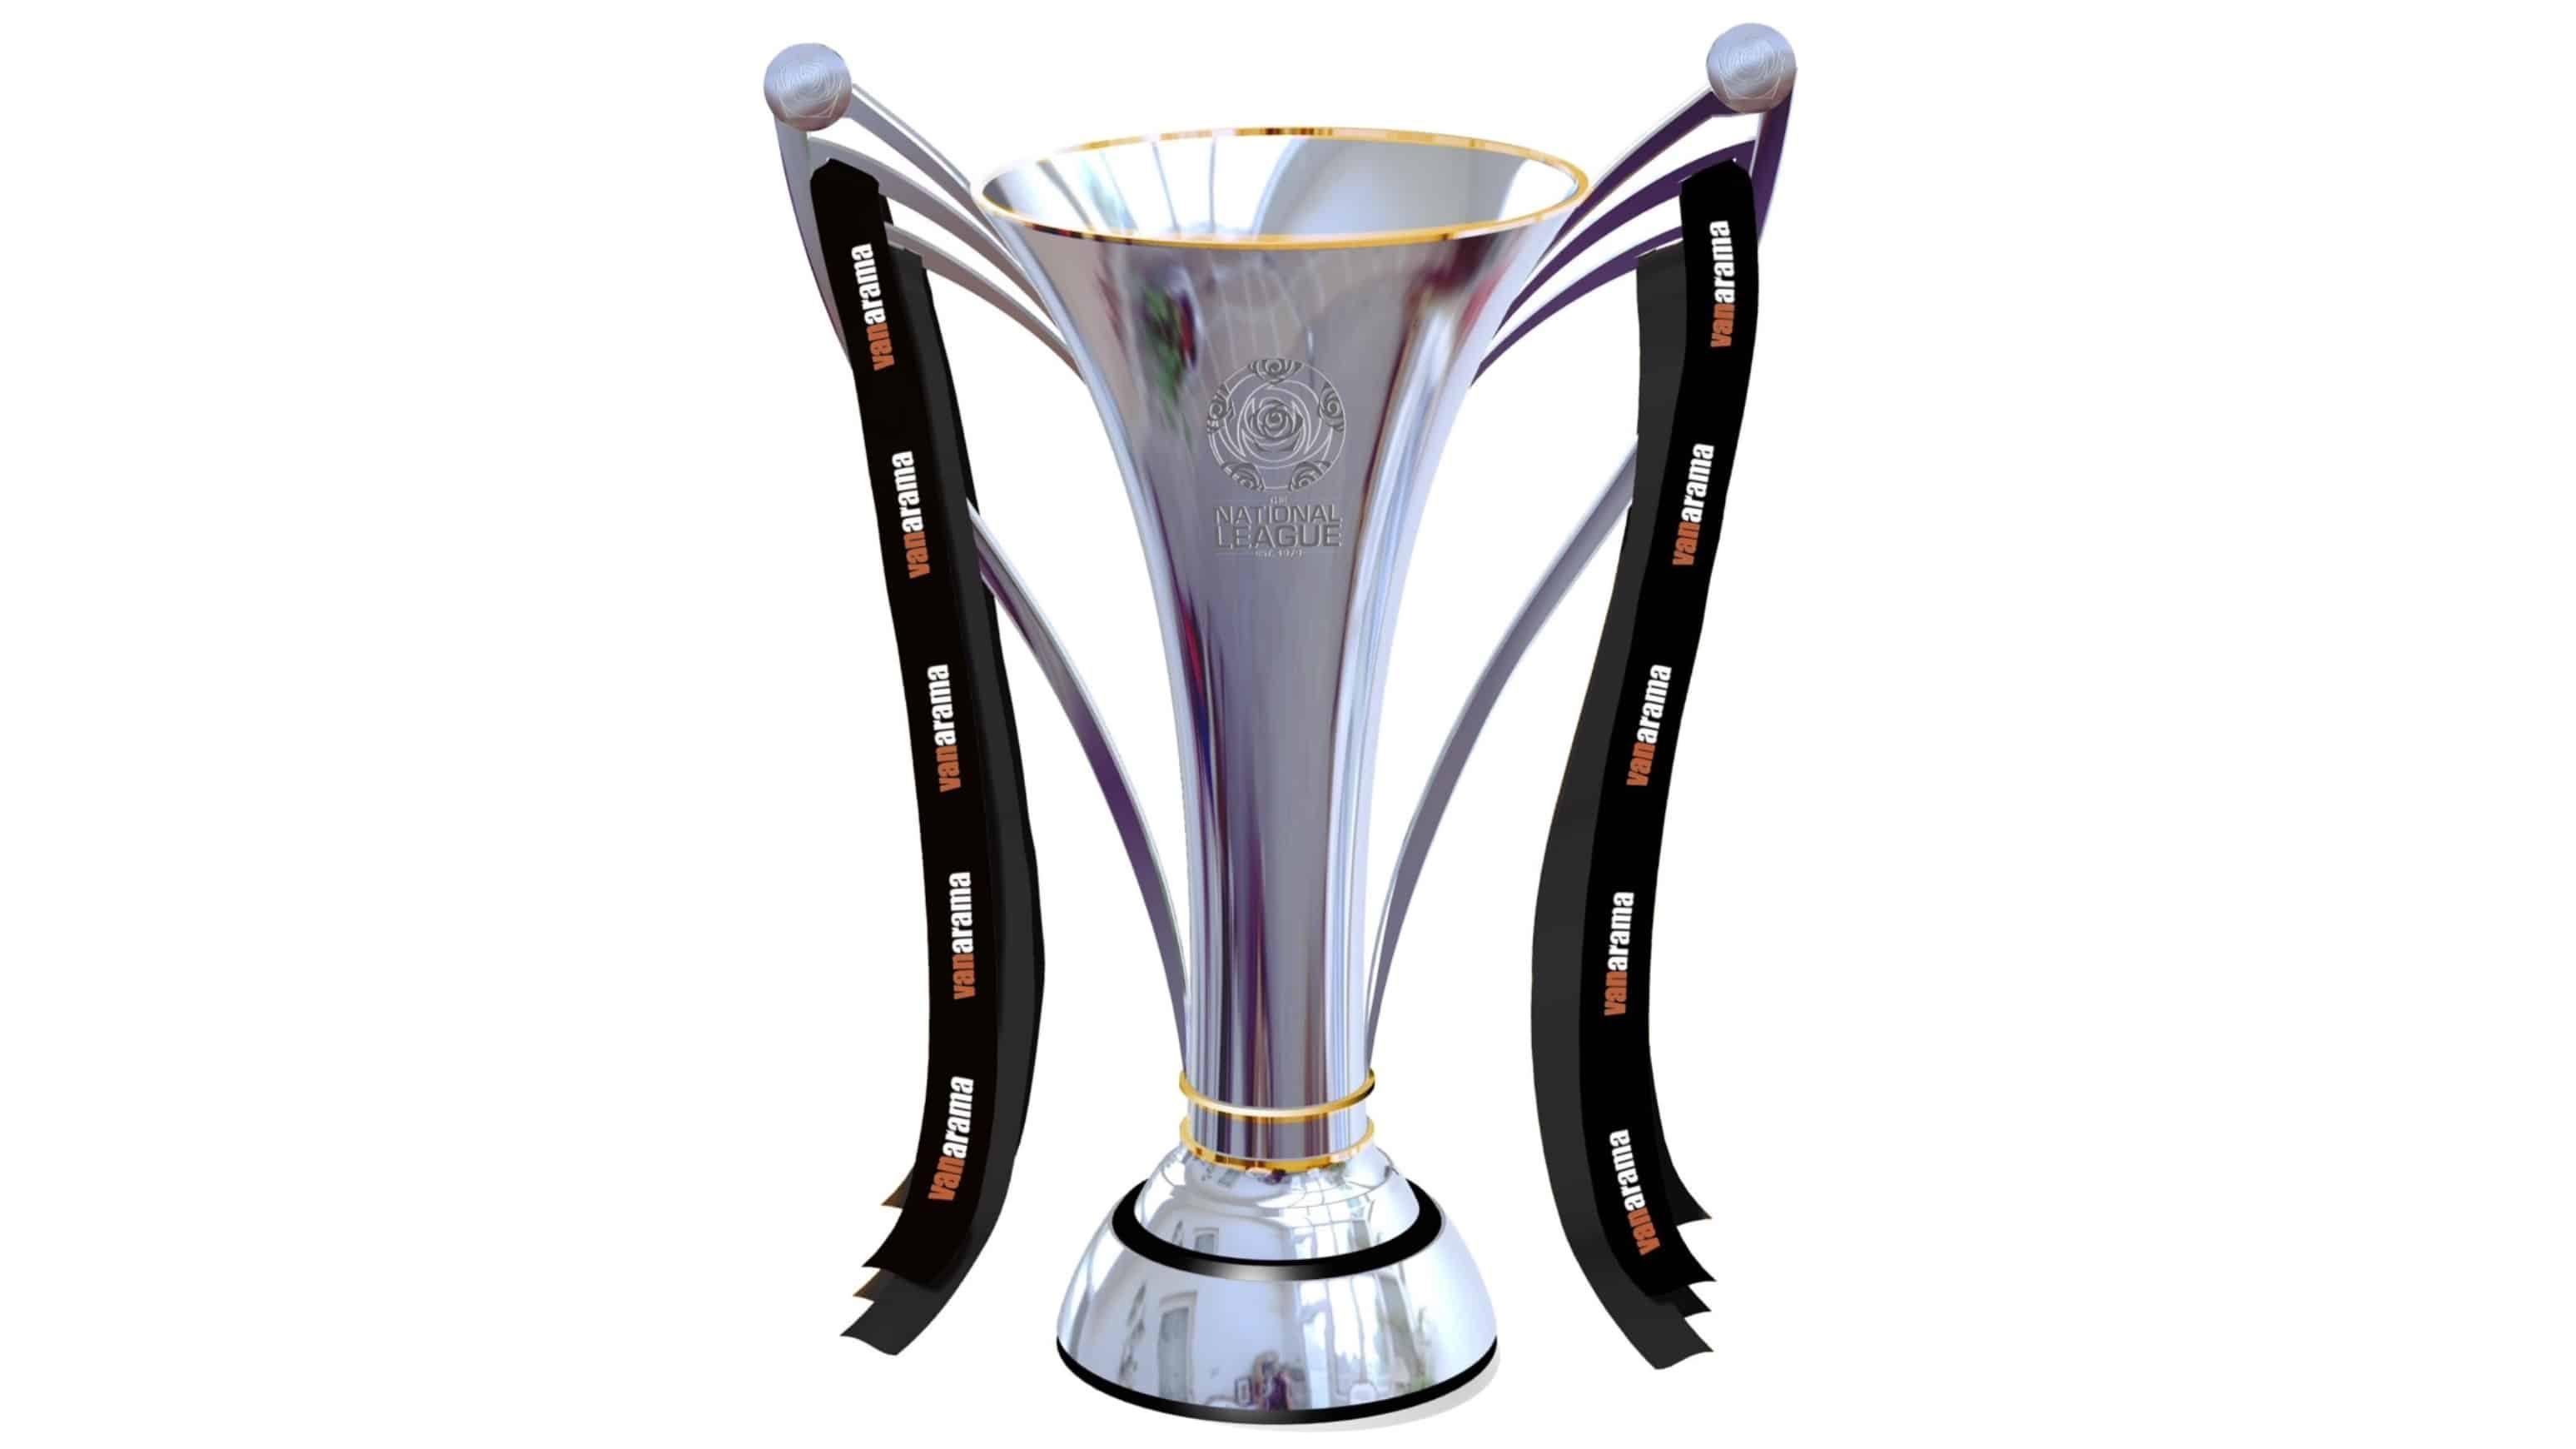 National League Commissions New Trophies   Aldershot Town FC